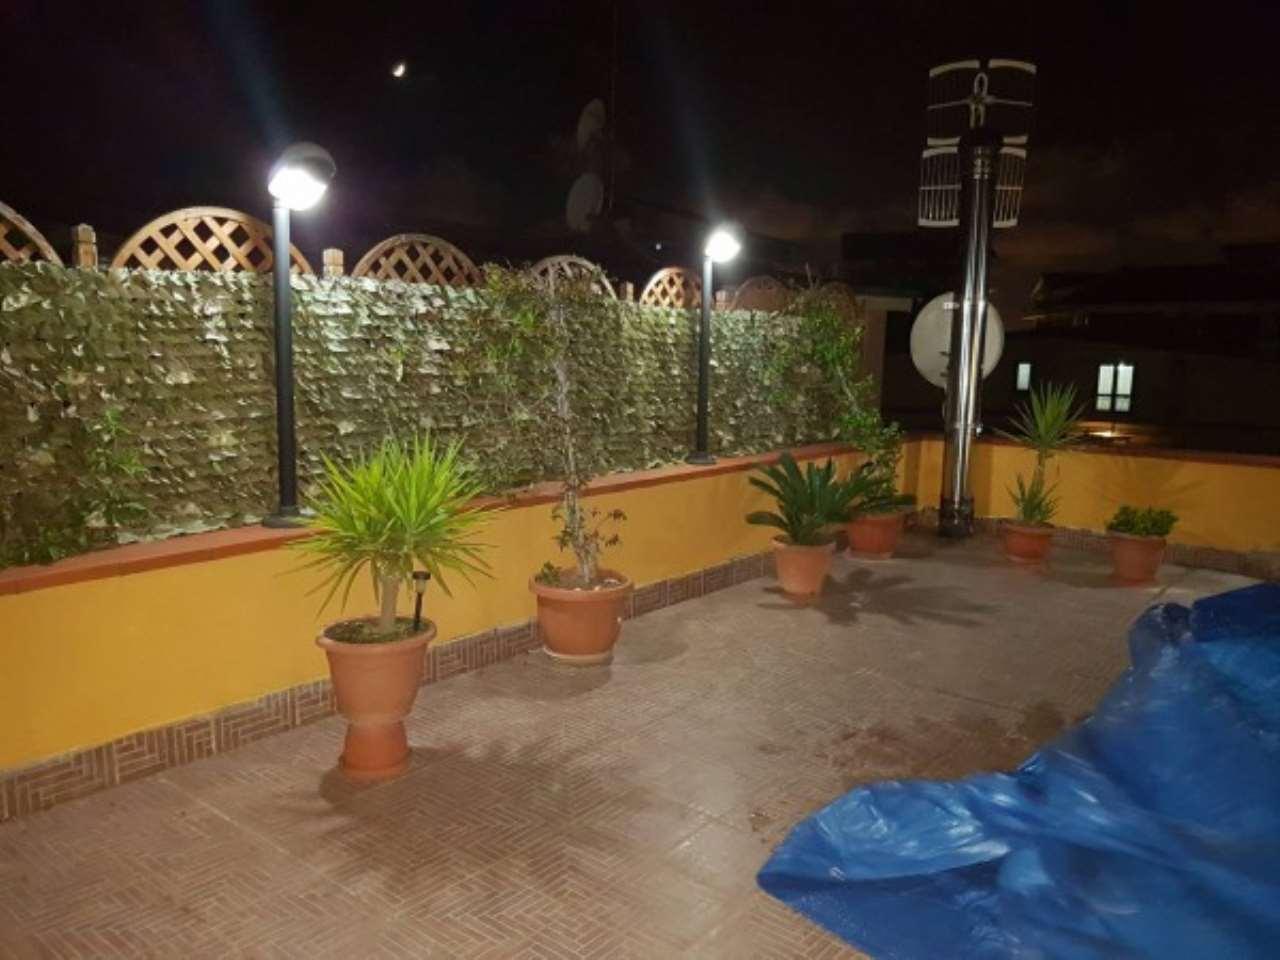 Appartamento in vendita a Somma Vesuviana, 2 locali, prezzo € 170.000 | CambioCasa.it